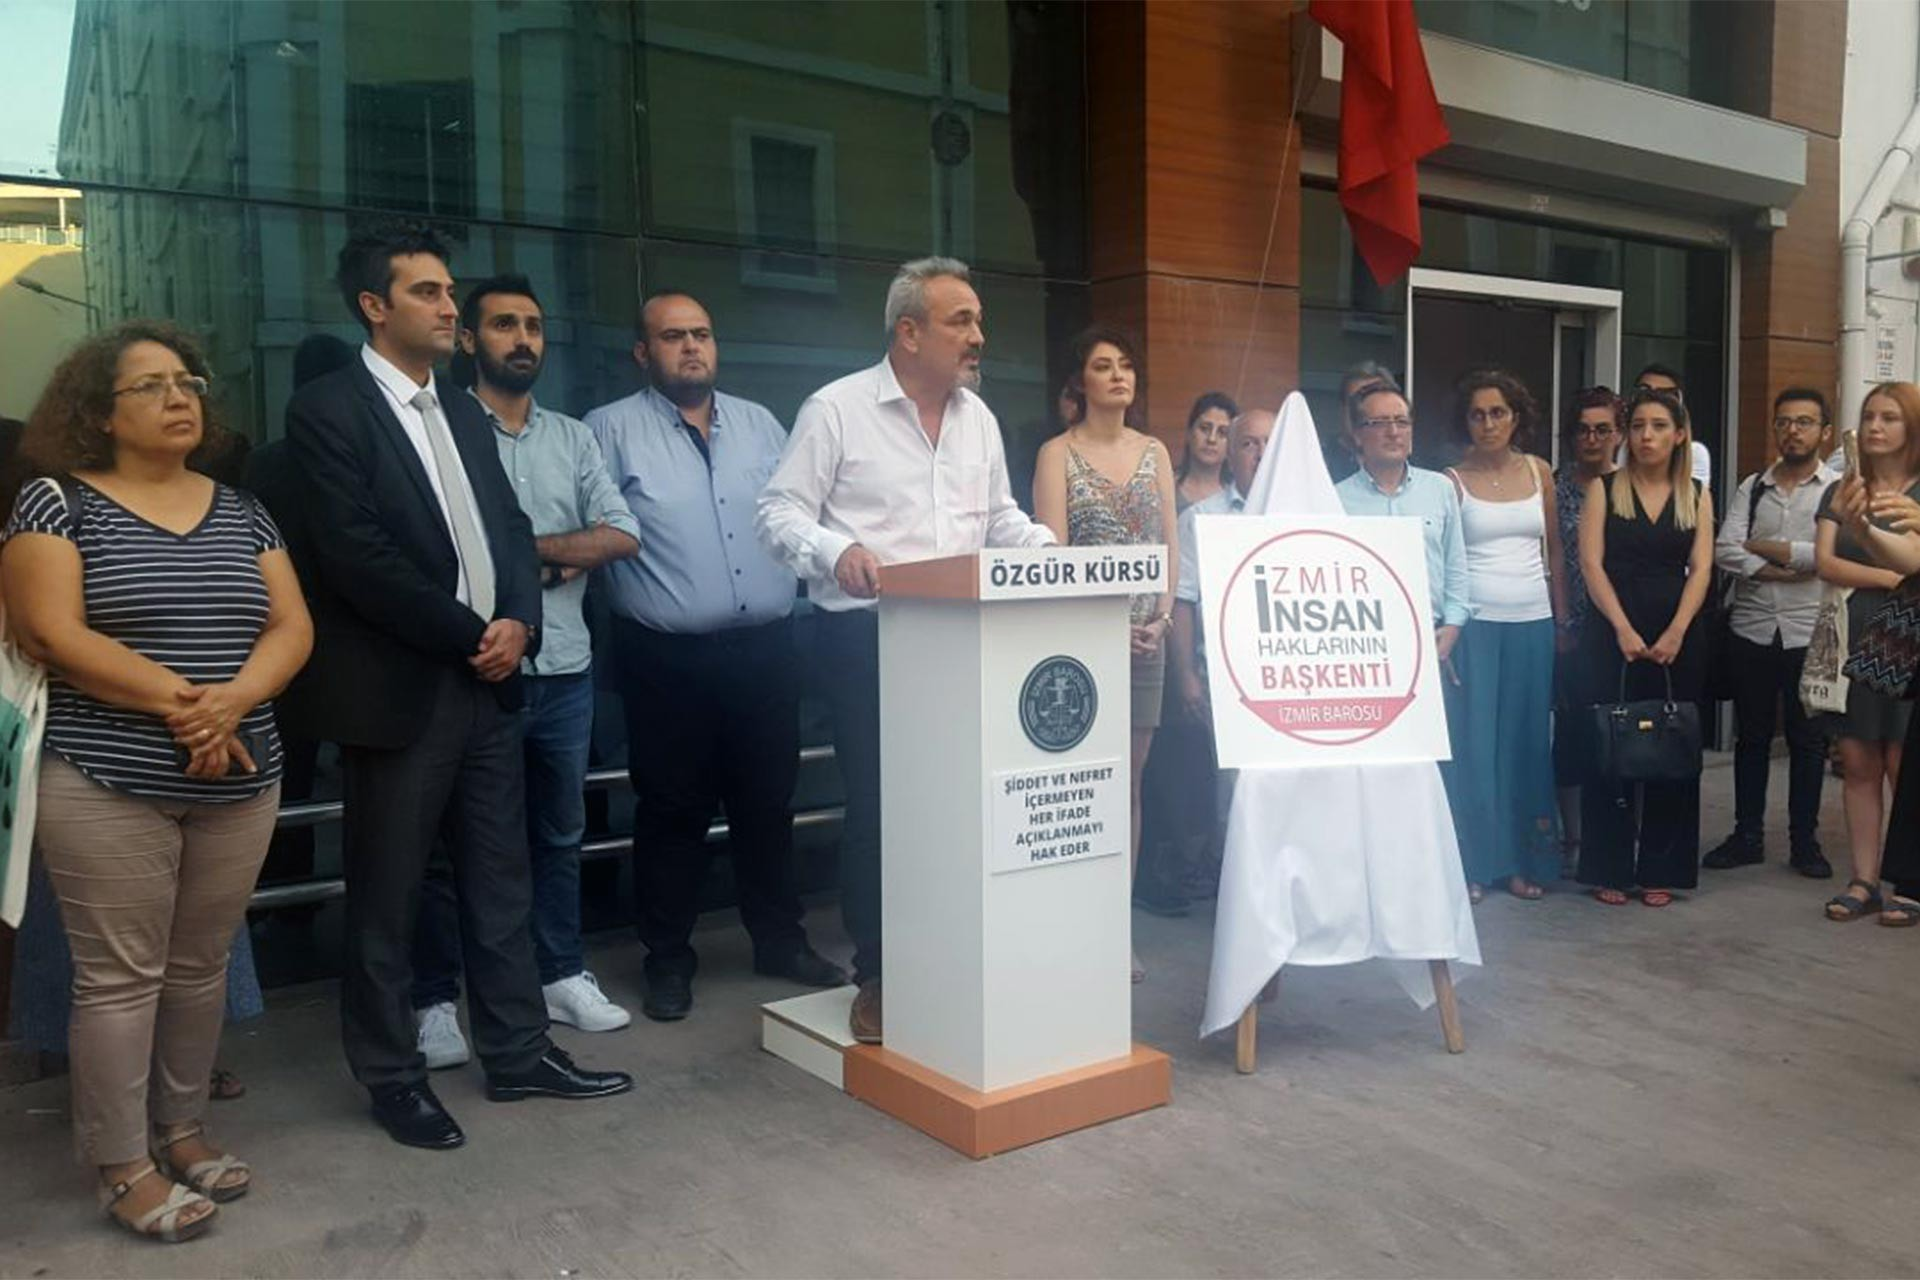 İzmir Barosu Valiliğin eylem yasağı kararına karşı dava açtı